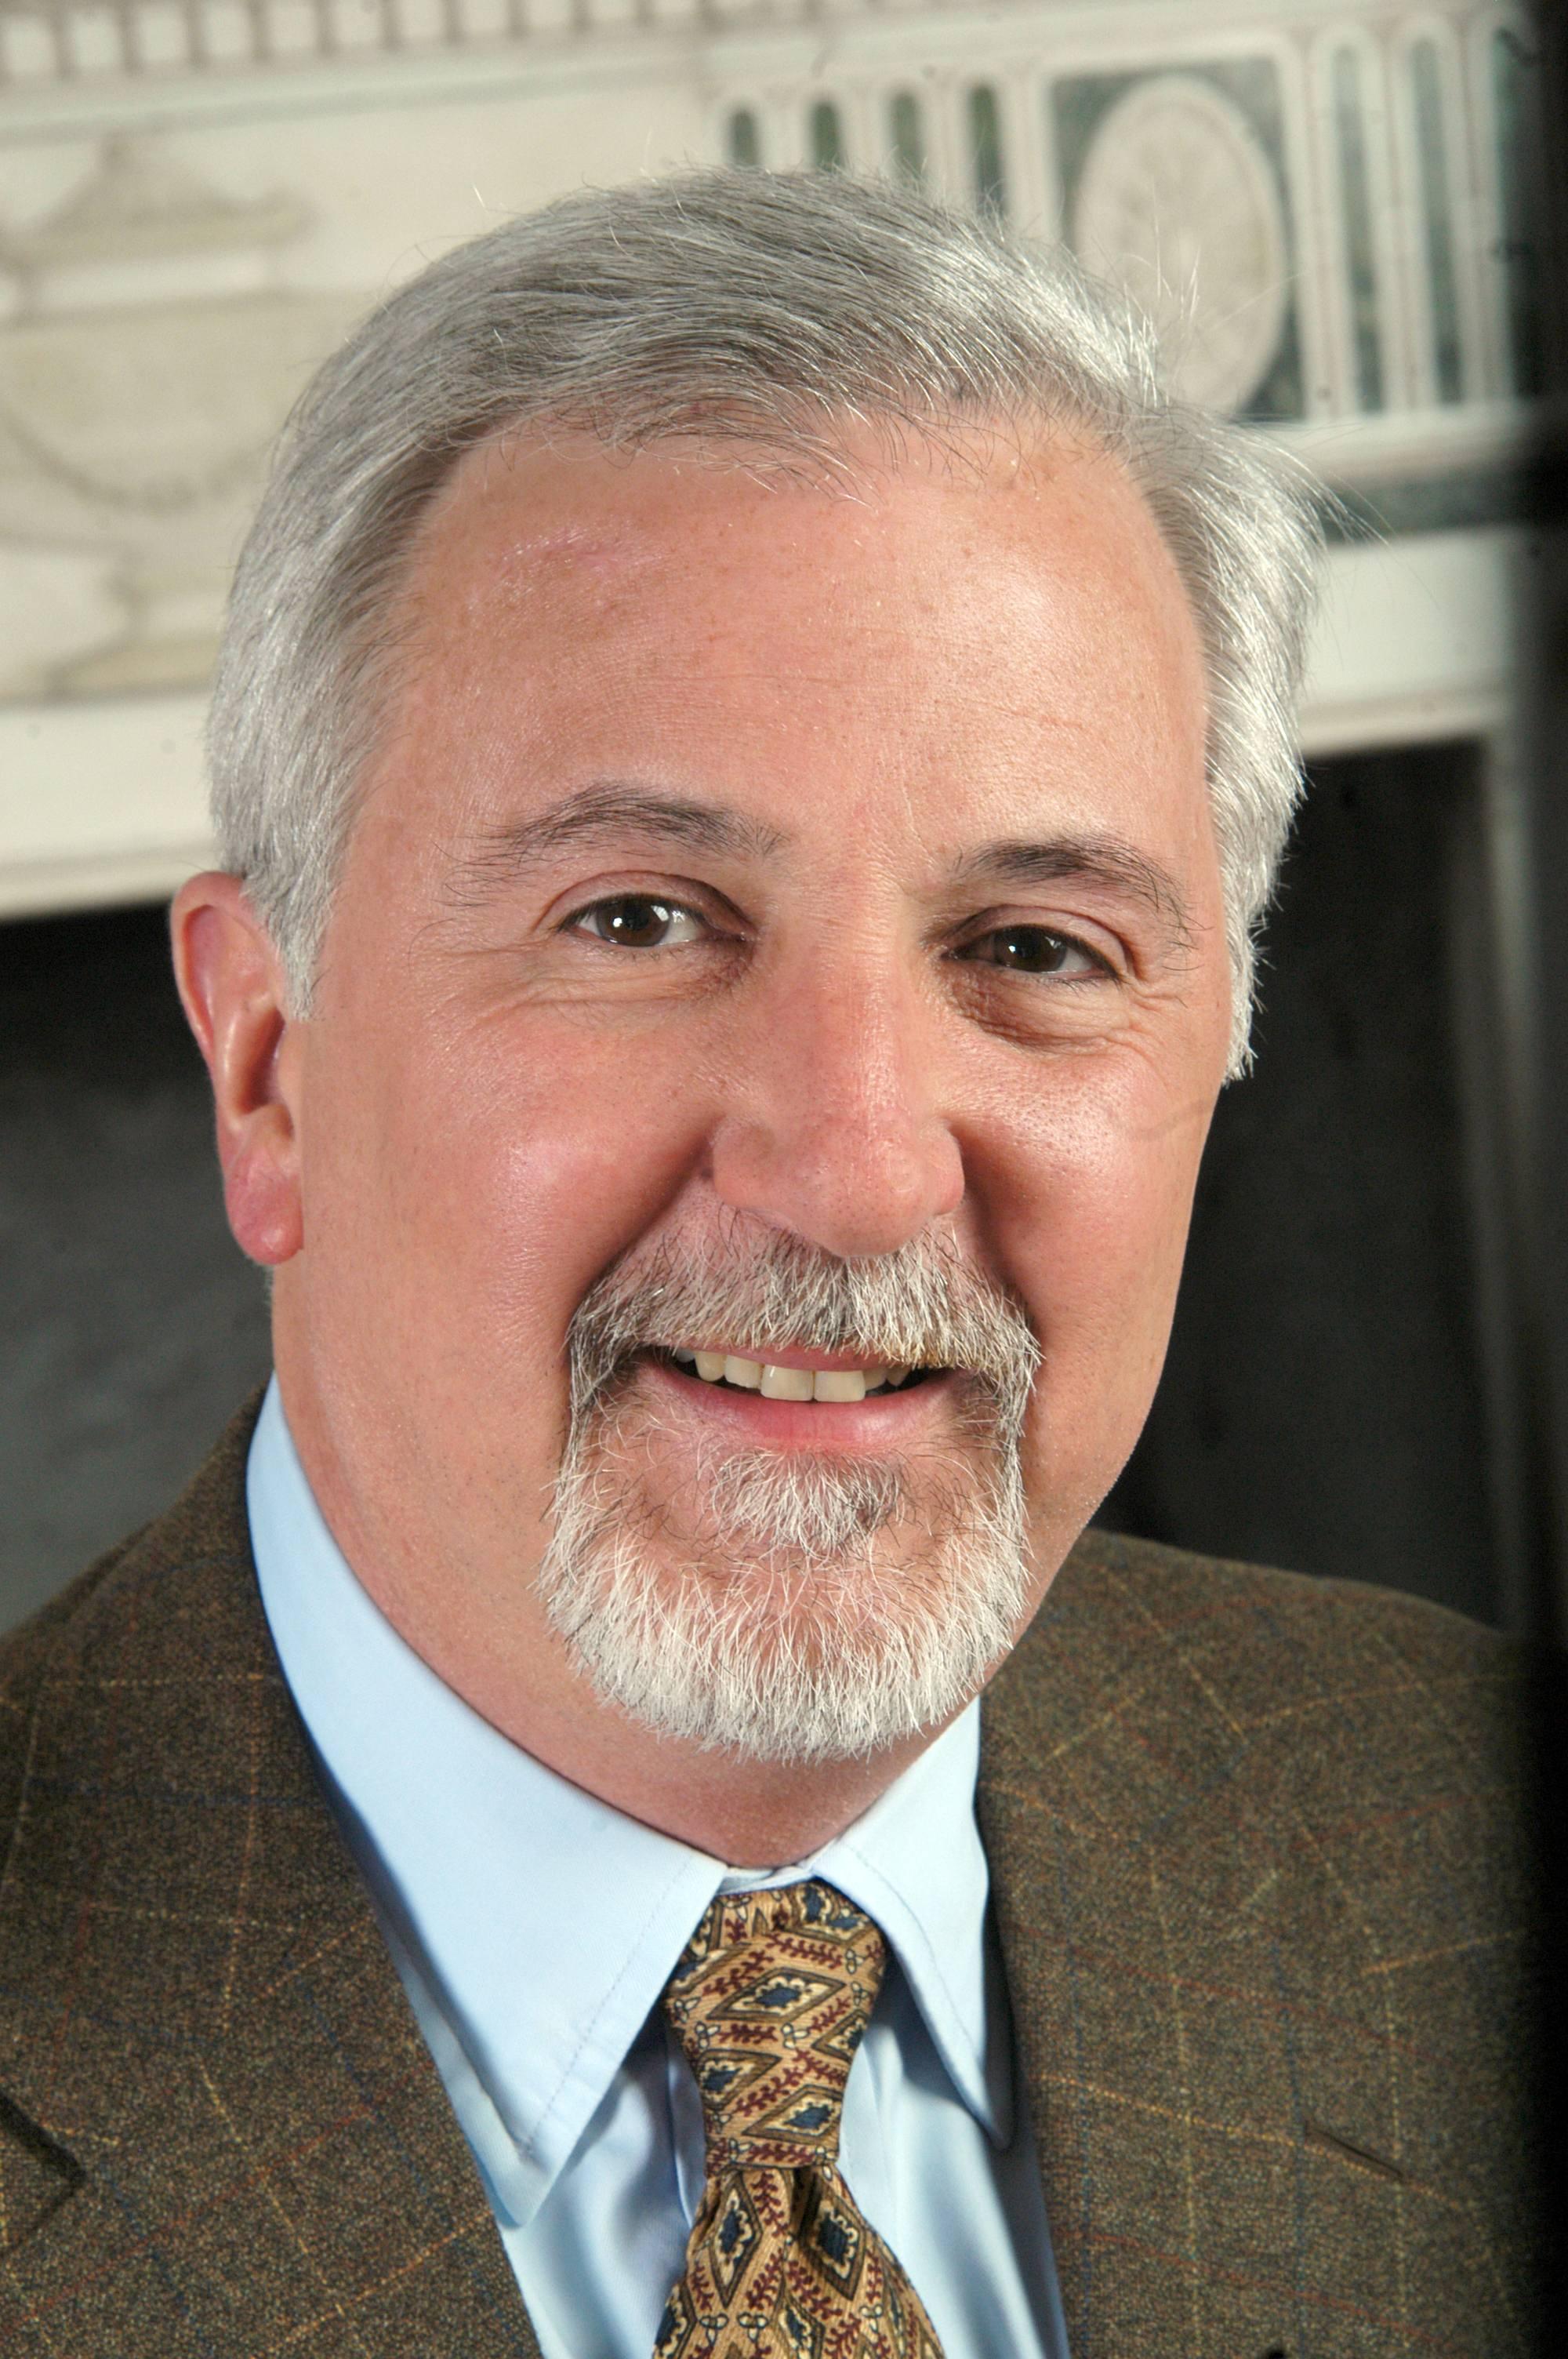 John C. Meditz